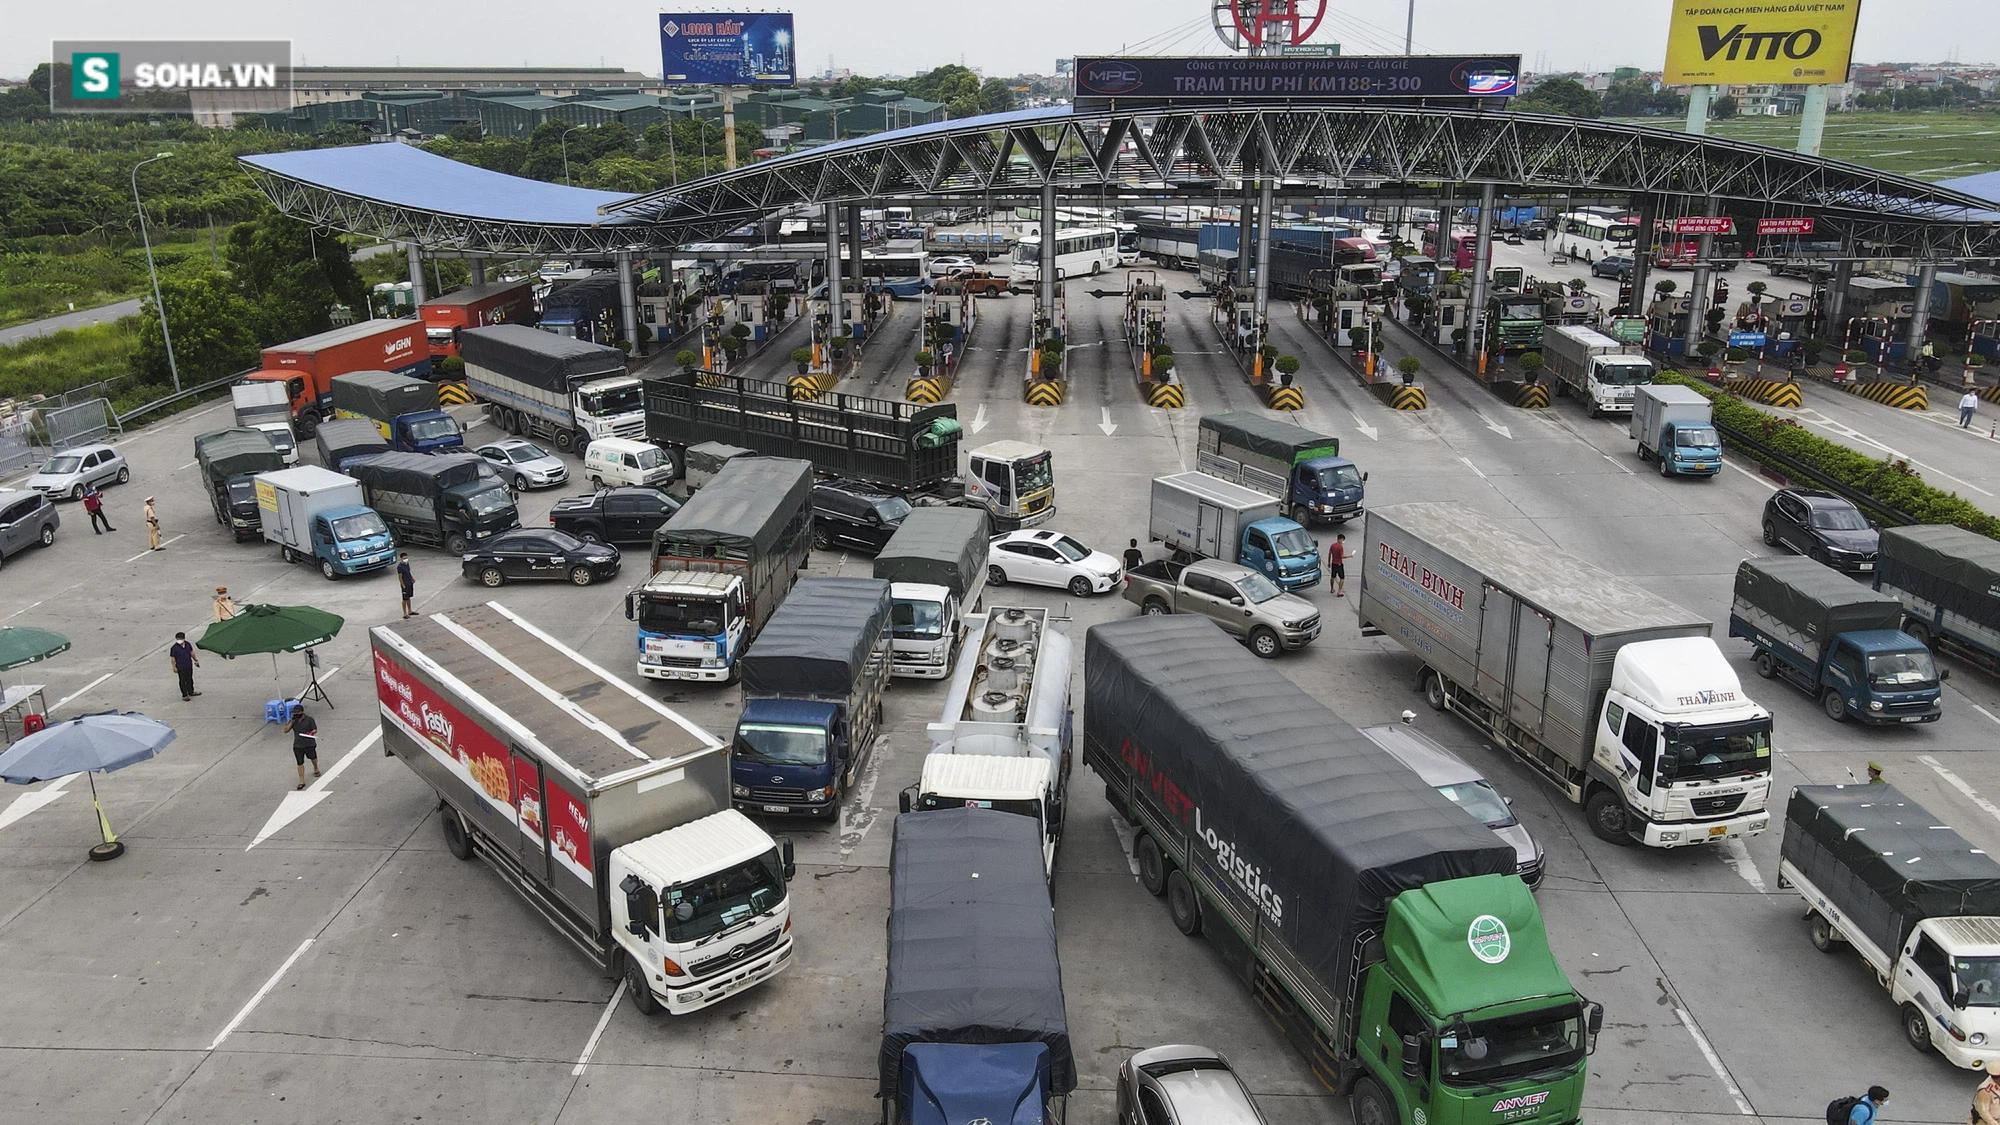 Hà Nội giãn cách xã hội, cao tốc Pháp Vân - Cầu Giẽ 80% xe phải quay đầu, nhiều tài xế bất ngờ, to tiếng với CSGT - Ảnh 18.